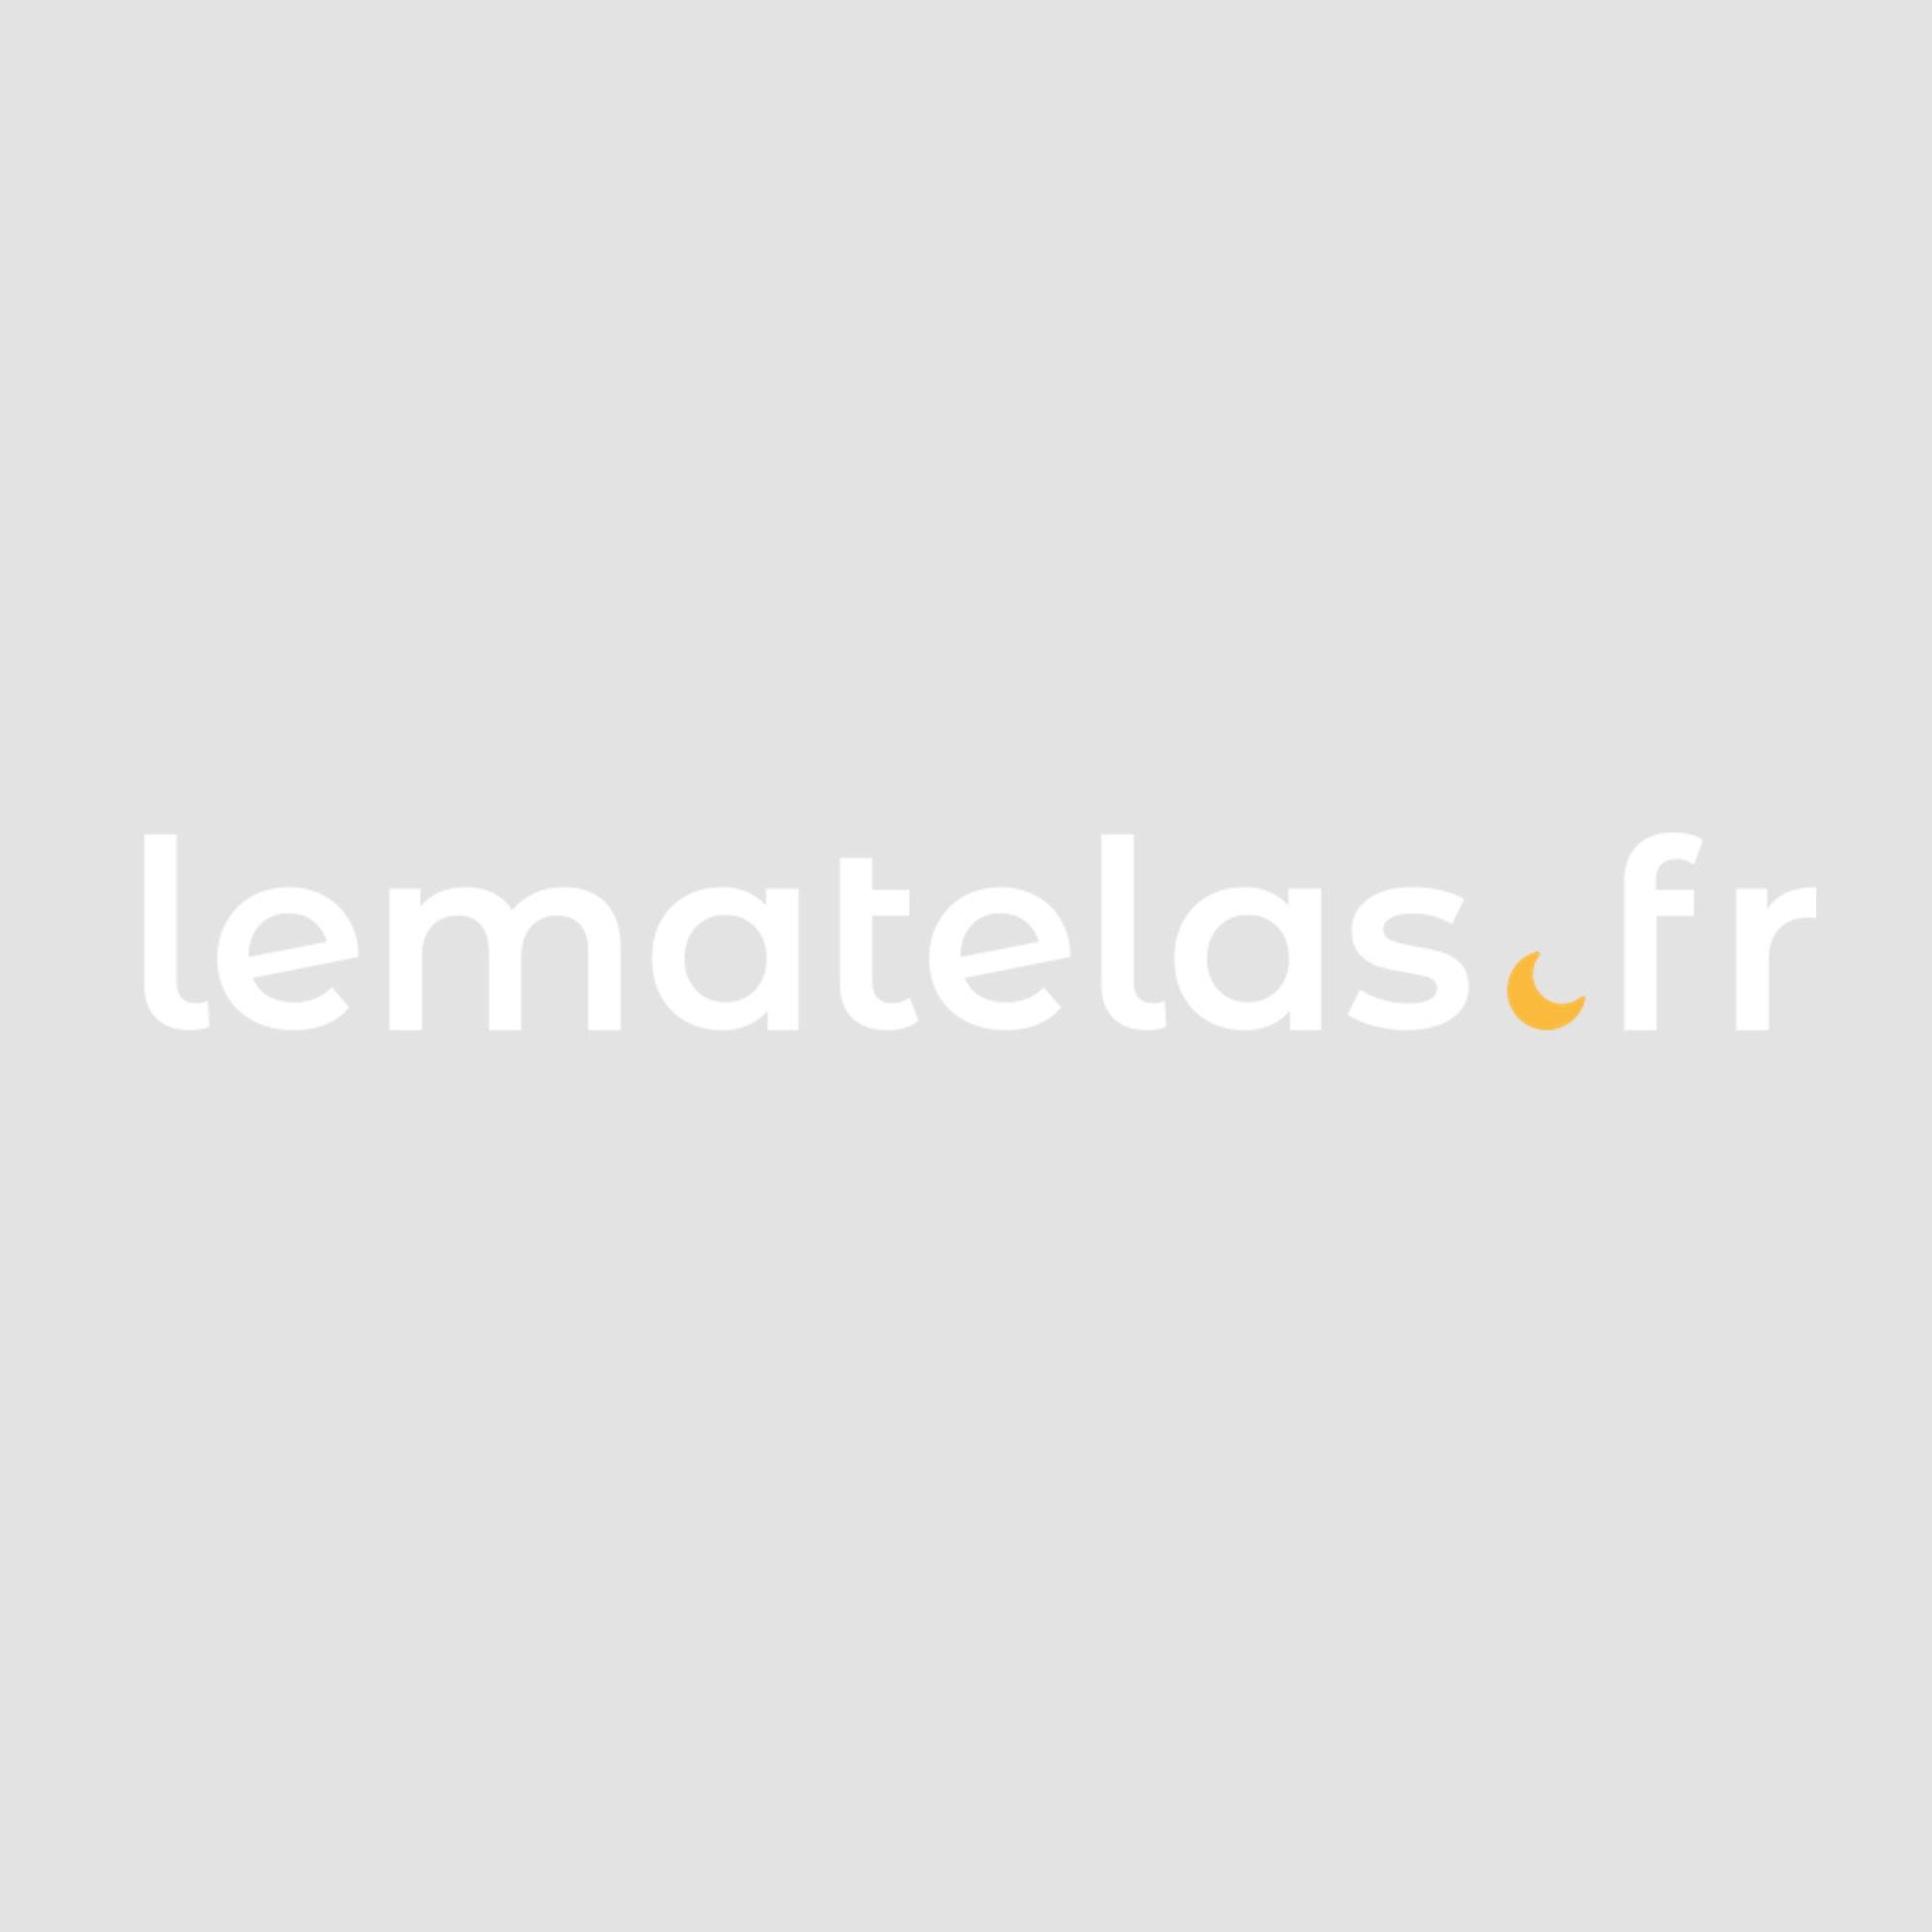 Drap housse blanc 100% coton biologique bonnet 30 cm 120x200 - Hôtellerie